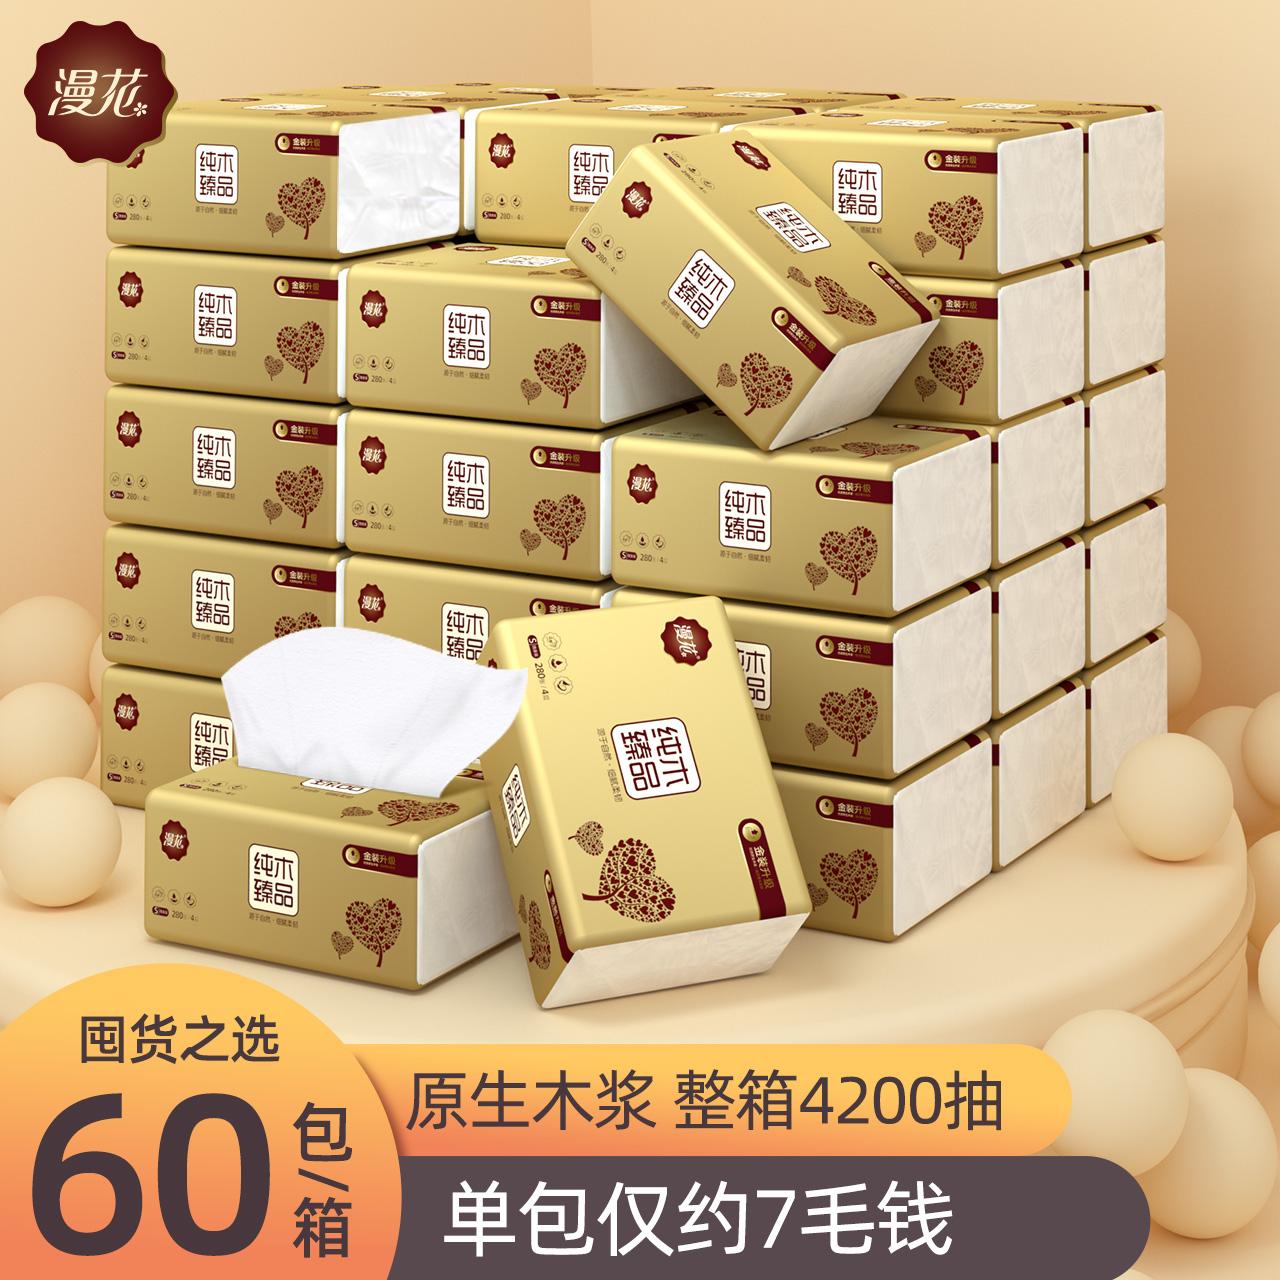 漫花60包/10包原木纸巾抽纸家用整箱实惠装餐巾纸擦手纸卫生纸抽